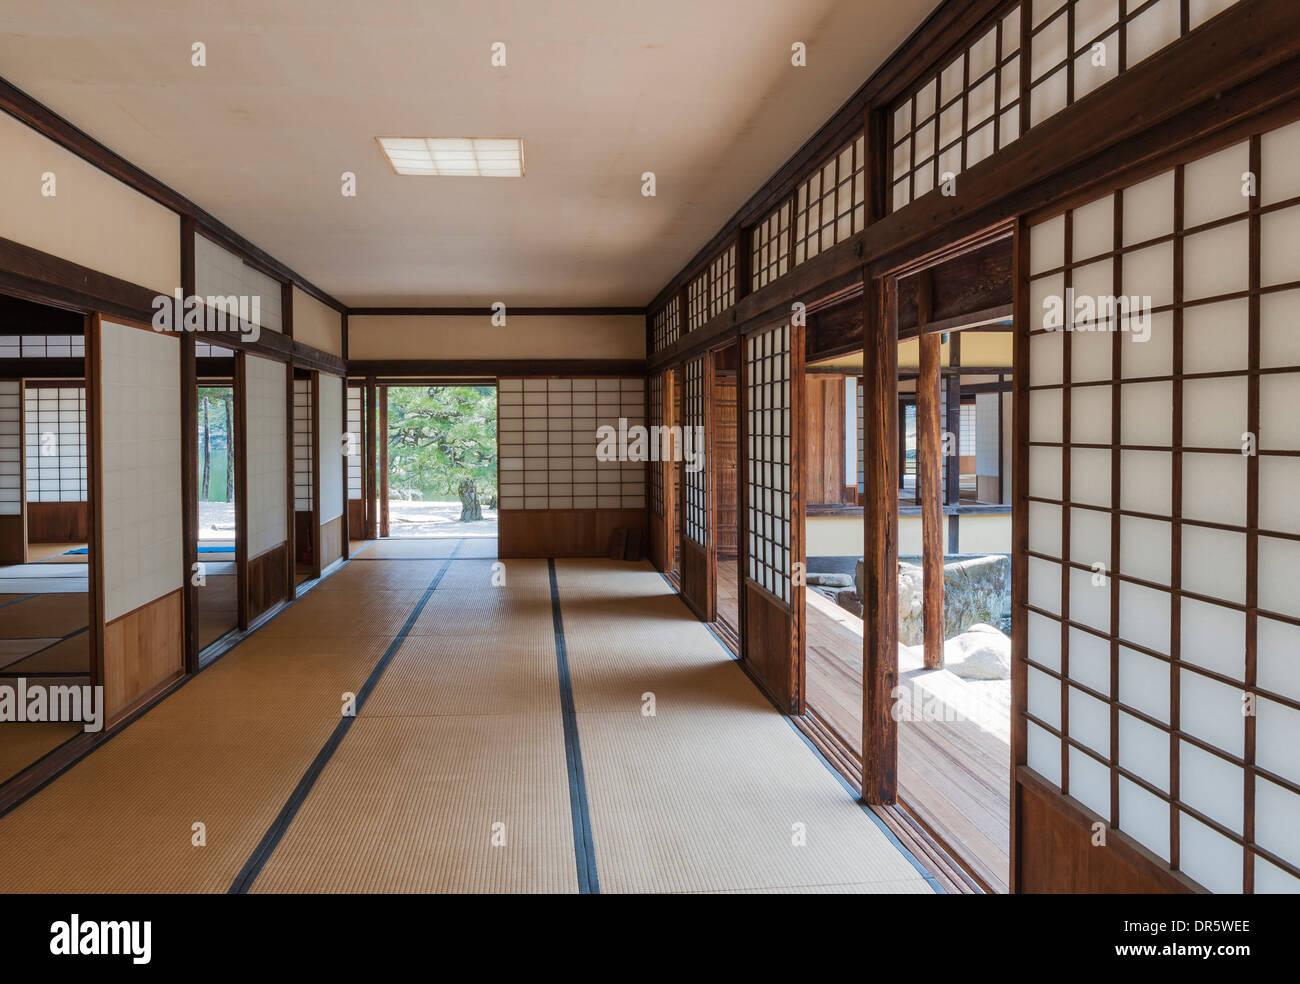 Japanese tea house interior - Ritsurin Koen Garden Japan Sliding Screens Shoji In The Interior Of